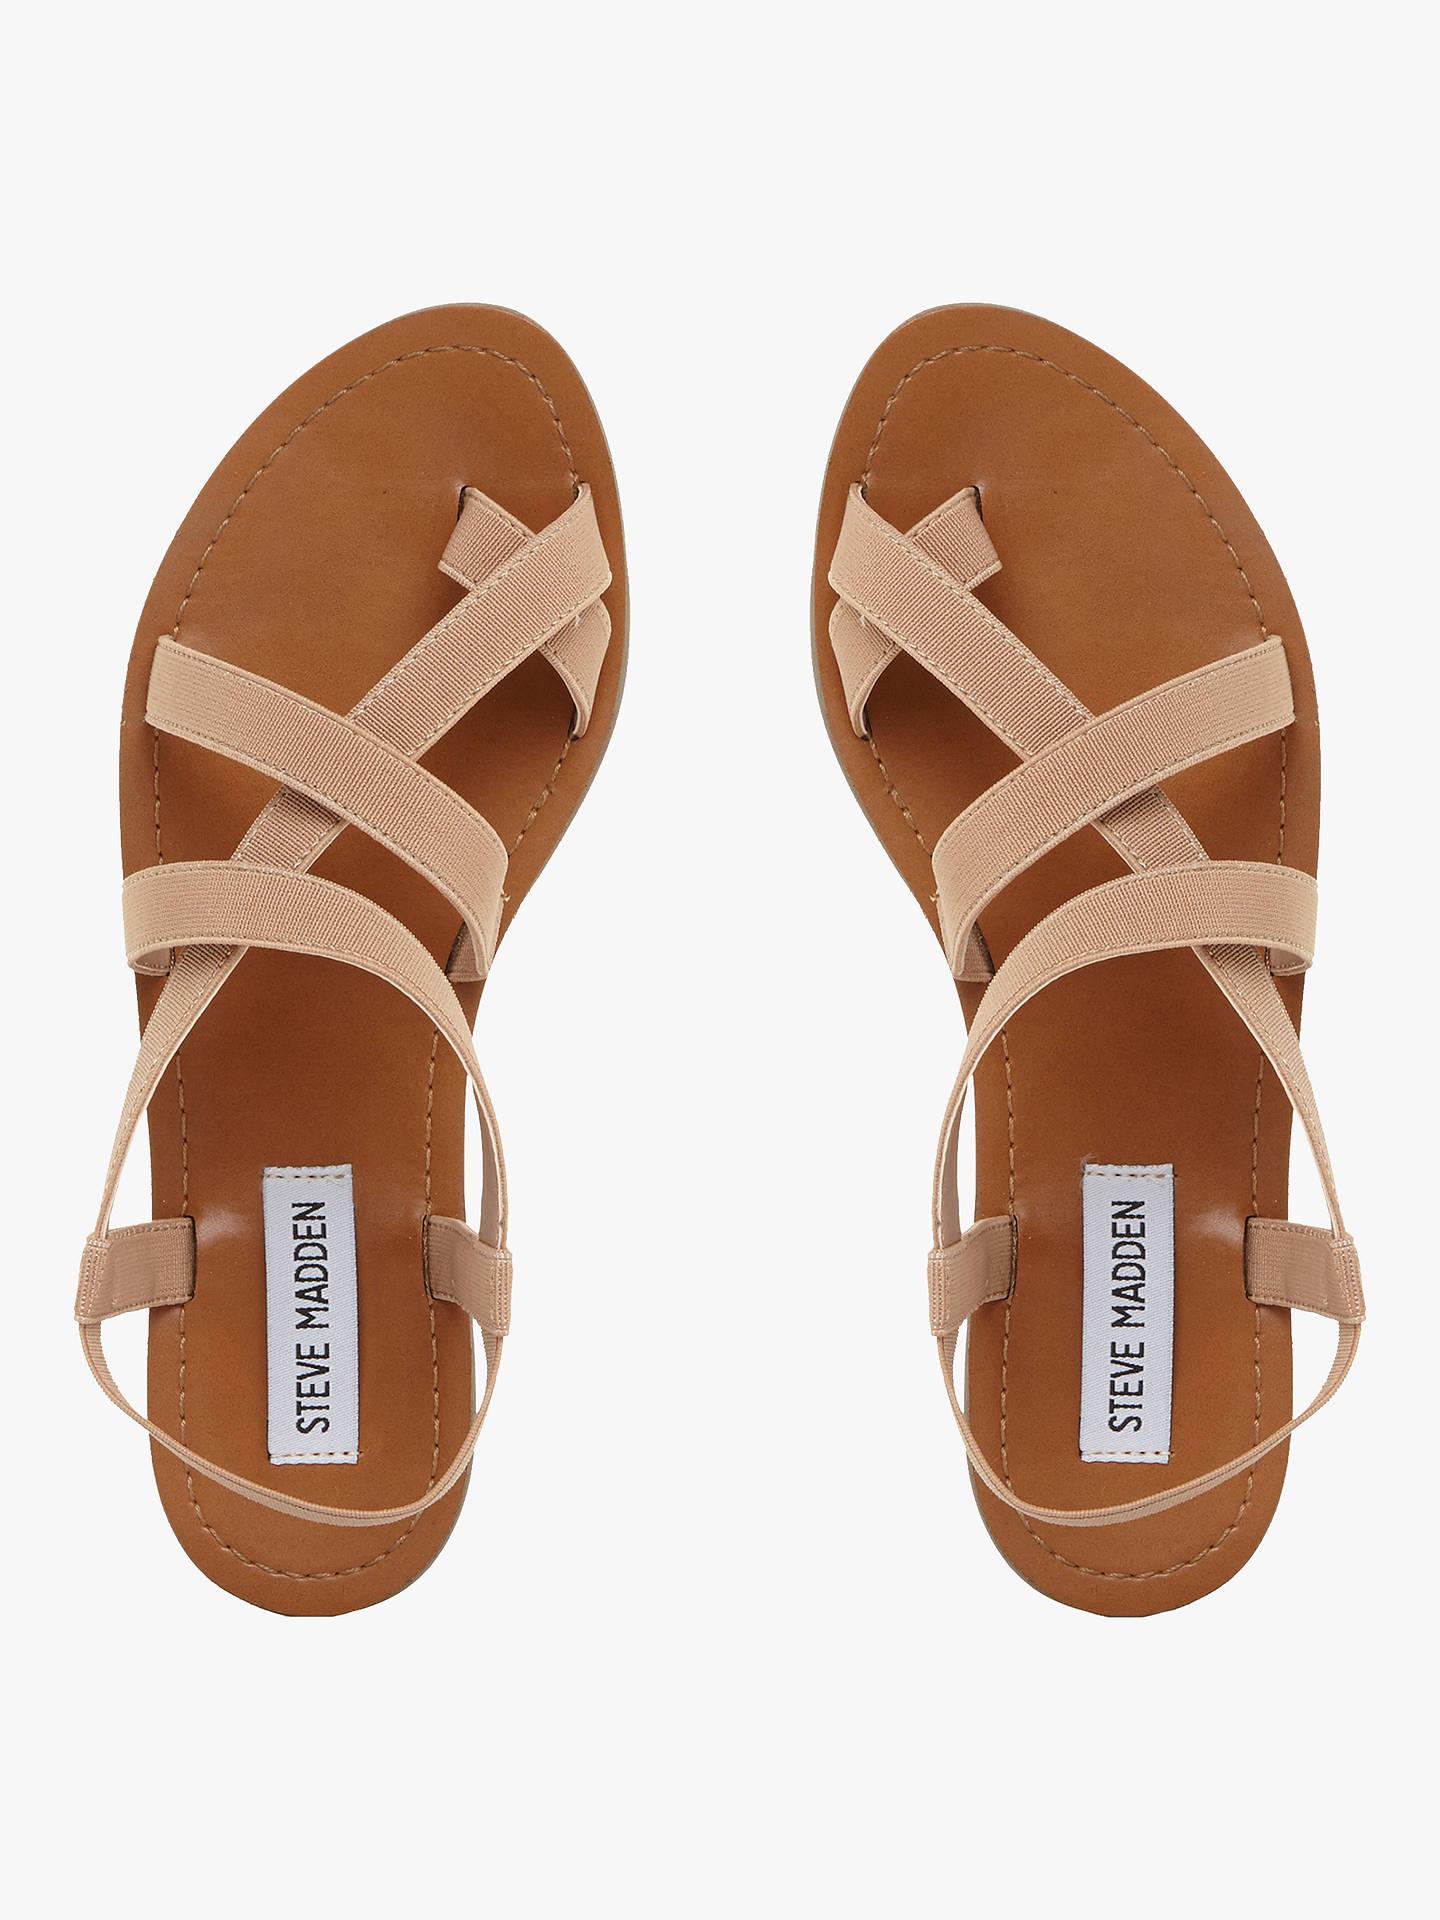 cc930f13118 Steve Madden Flexie Gladiator Flat Sandals, Tan